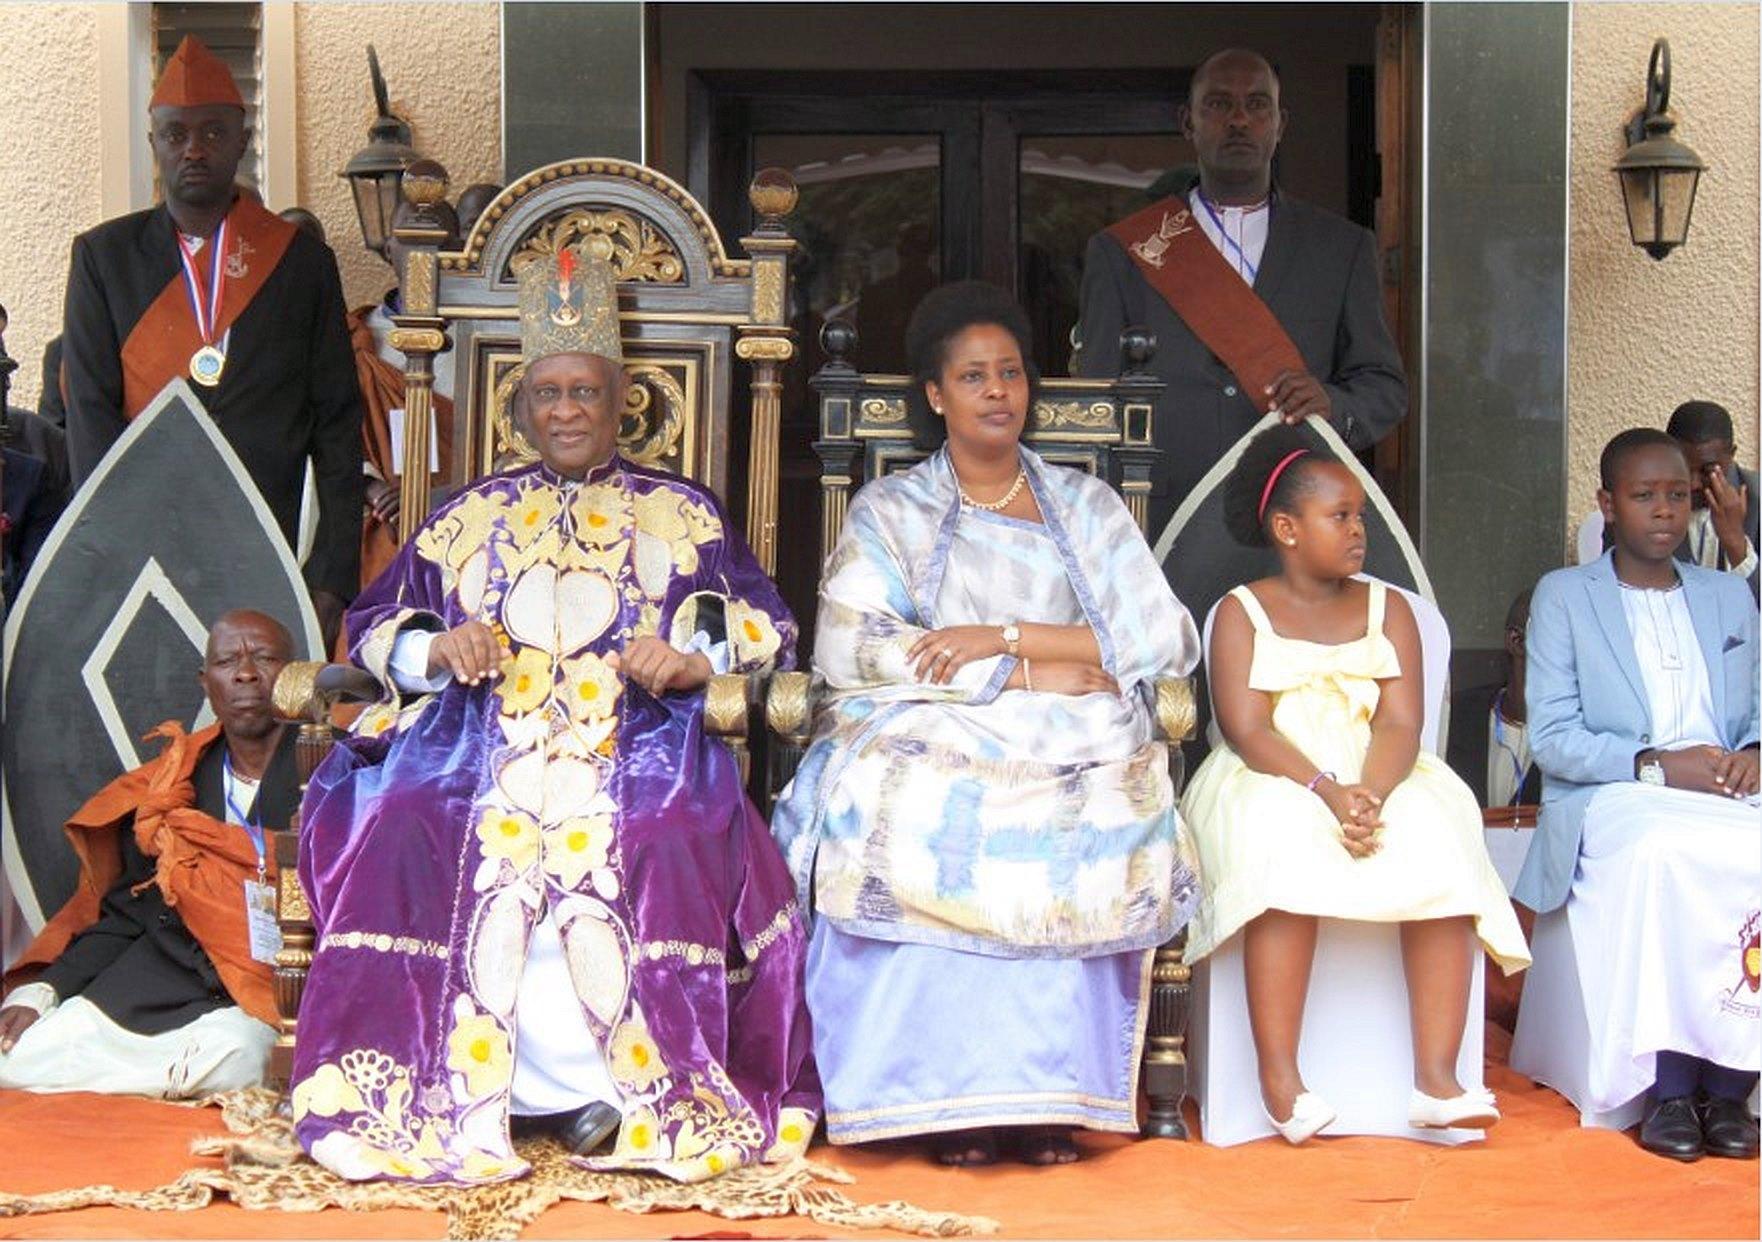 Le roi solomon gfabusa iguru ier